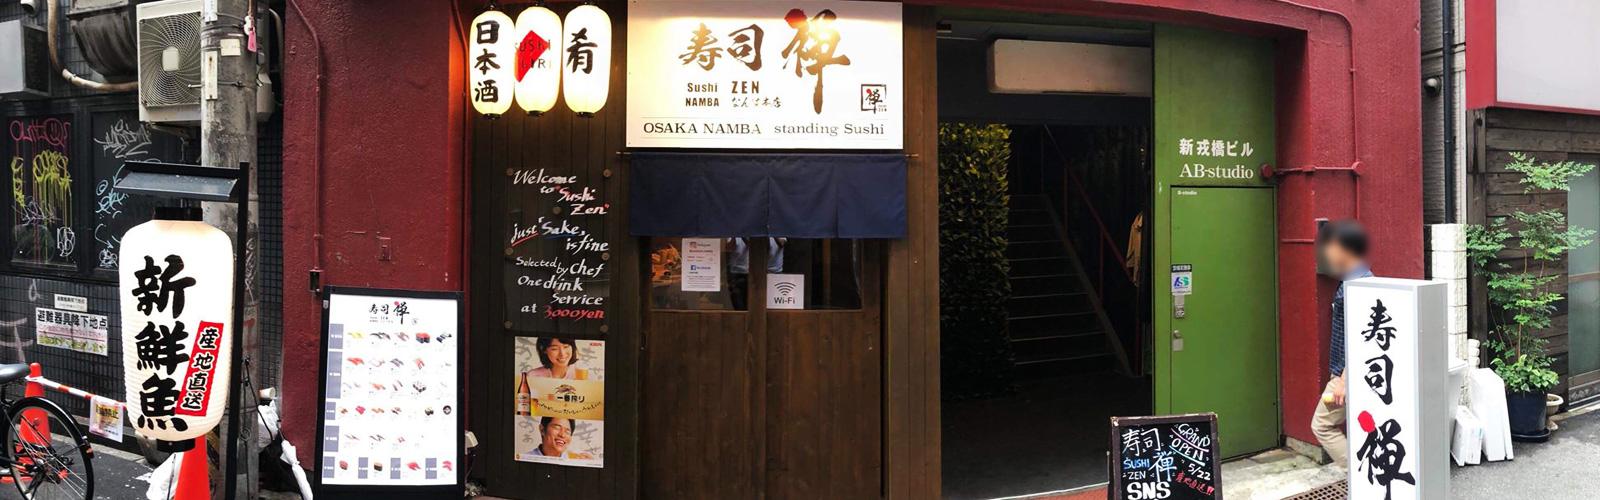 寿司禅(大阪・なんば)